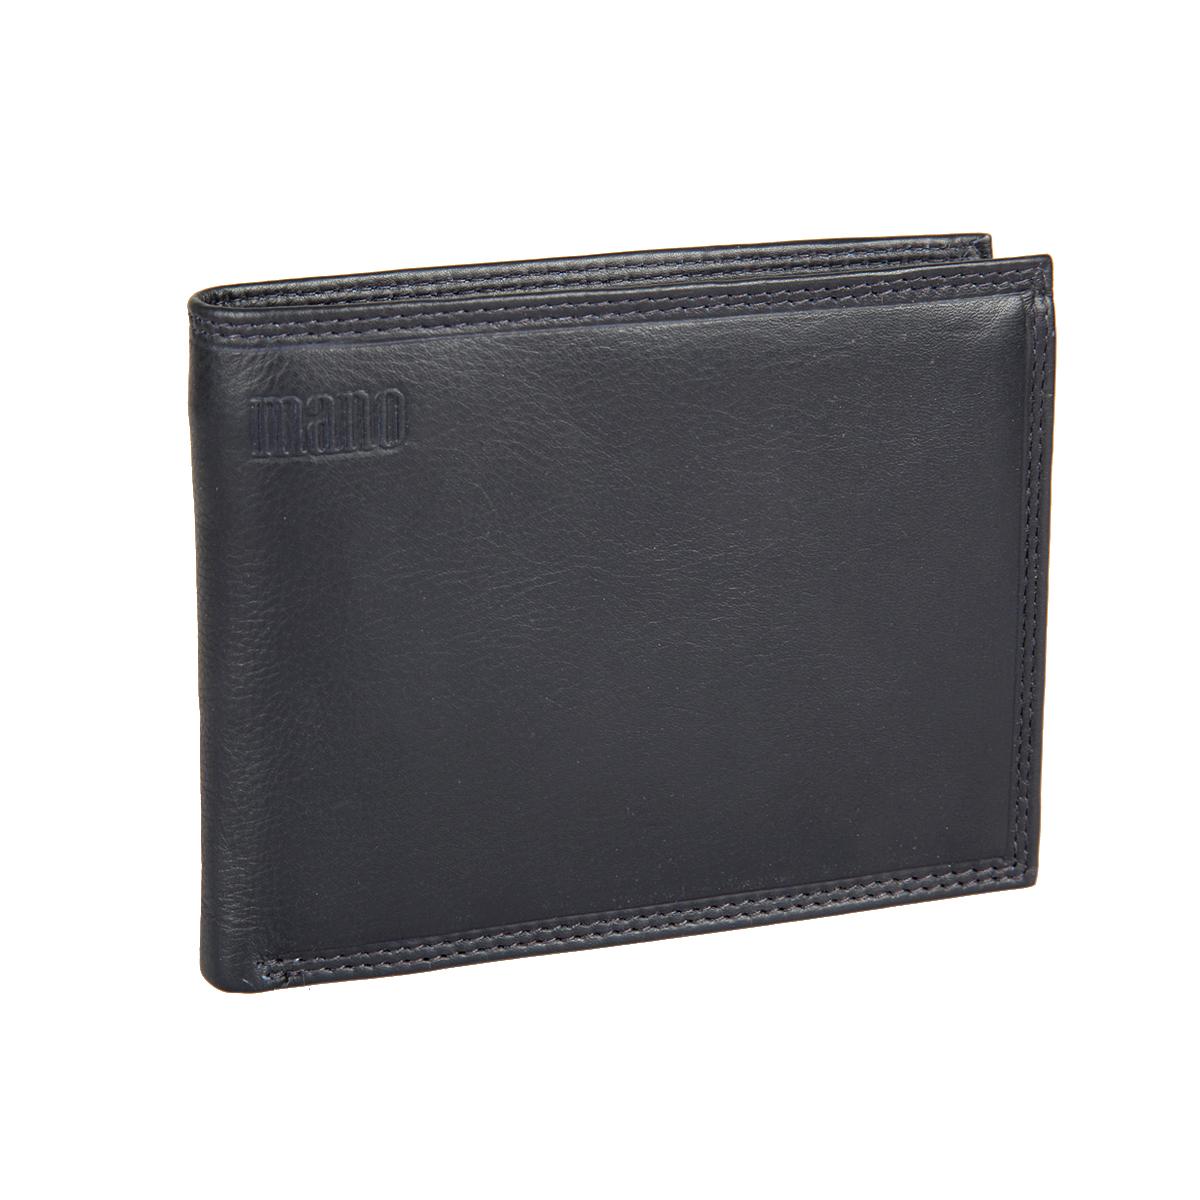 Портмоне мужское Mano, цвет: синий. 19851W16-11128_323Стильное мужское портмоне Mano выполнено из натуральной кожи и дополнено тиснением с названием производителя.Изделие раскладывается пополам. Портмоне содержит два отделения для купюр, восемь кармашков для визиток и пластиковых карт, карман для мелочи на кнопке, сетчатый карман, два боковых кармана для документов и два потайных кармана. Портмоне упаковано в фирменную картонную коробку. Такое портмоне станет отличным подарком для человека, ценящего качественные и стильные вещи.